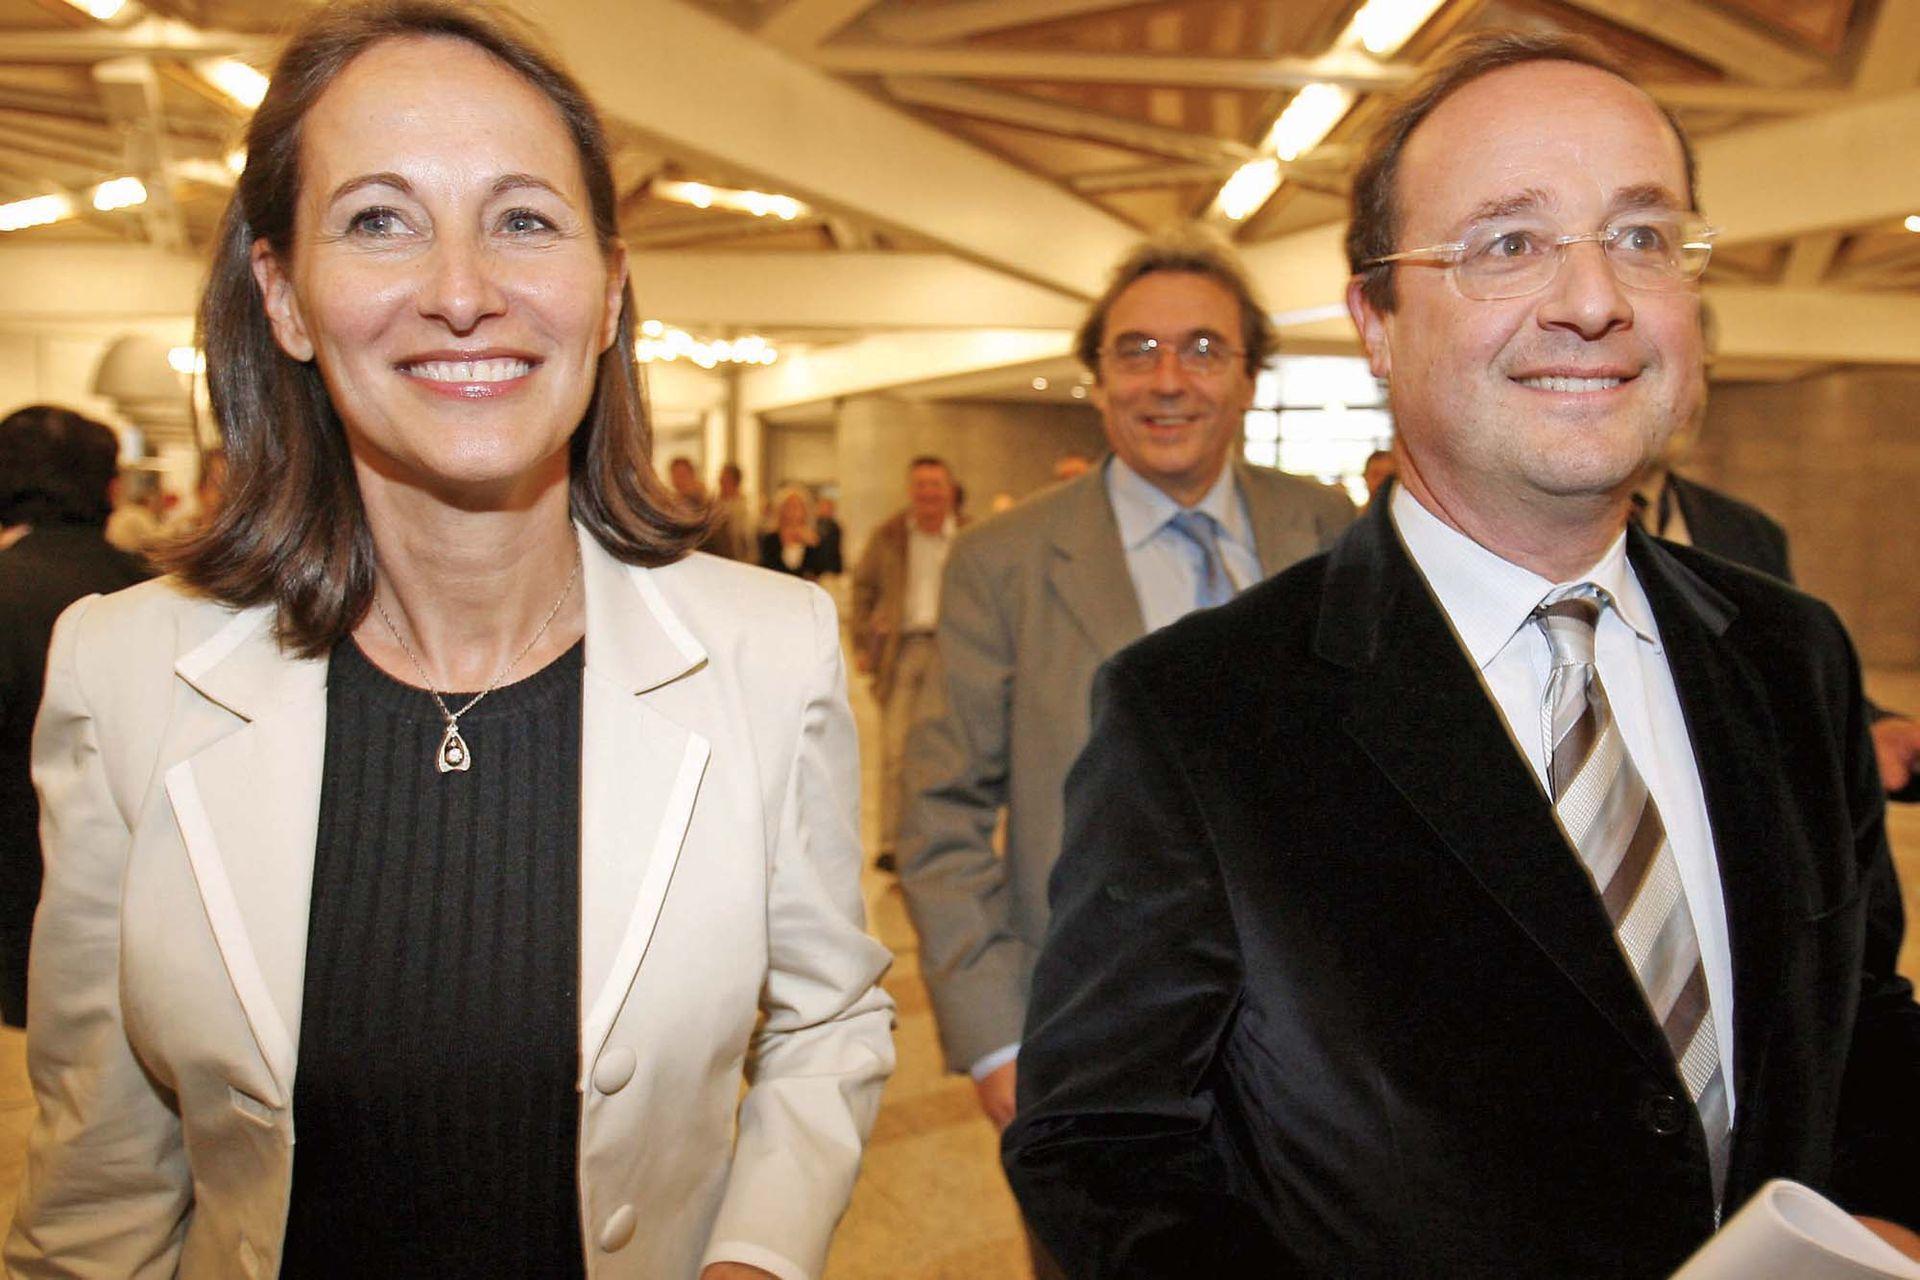 Desde los 70 hasta 2007, François Hollande estuvo en pareja con la dirigente socialista Ségolène Royal, madre de sus cuatro hijos.